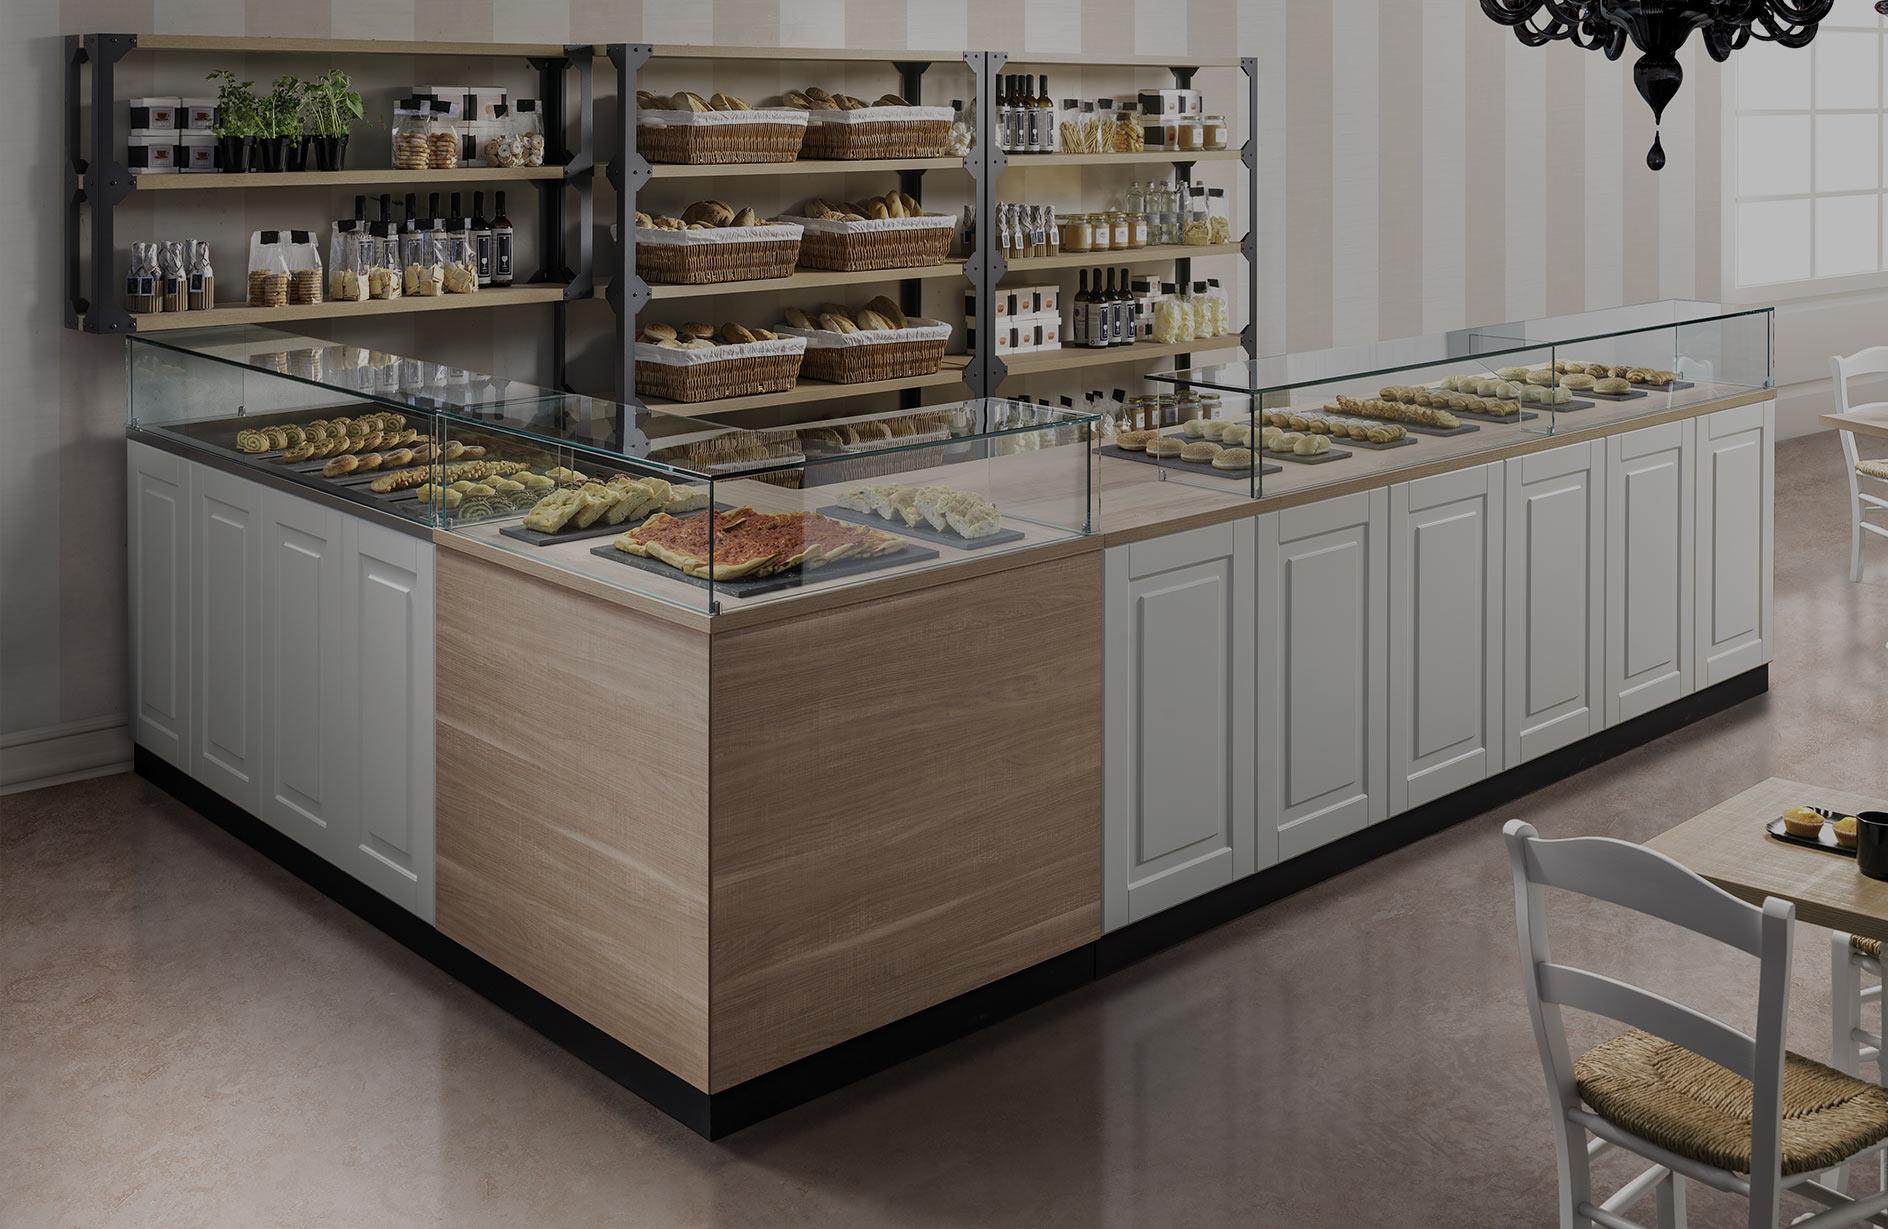 arredamenti per locali commerciali - bancone bar/pasticceria/pizzeria